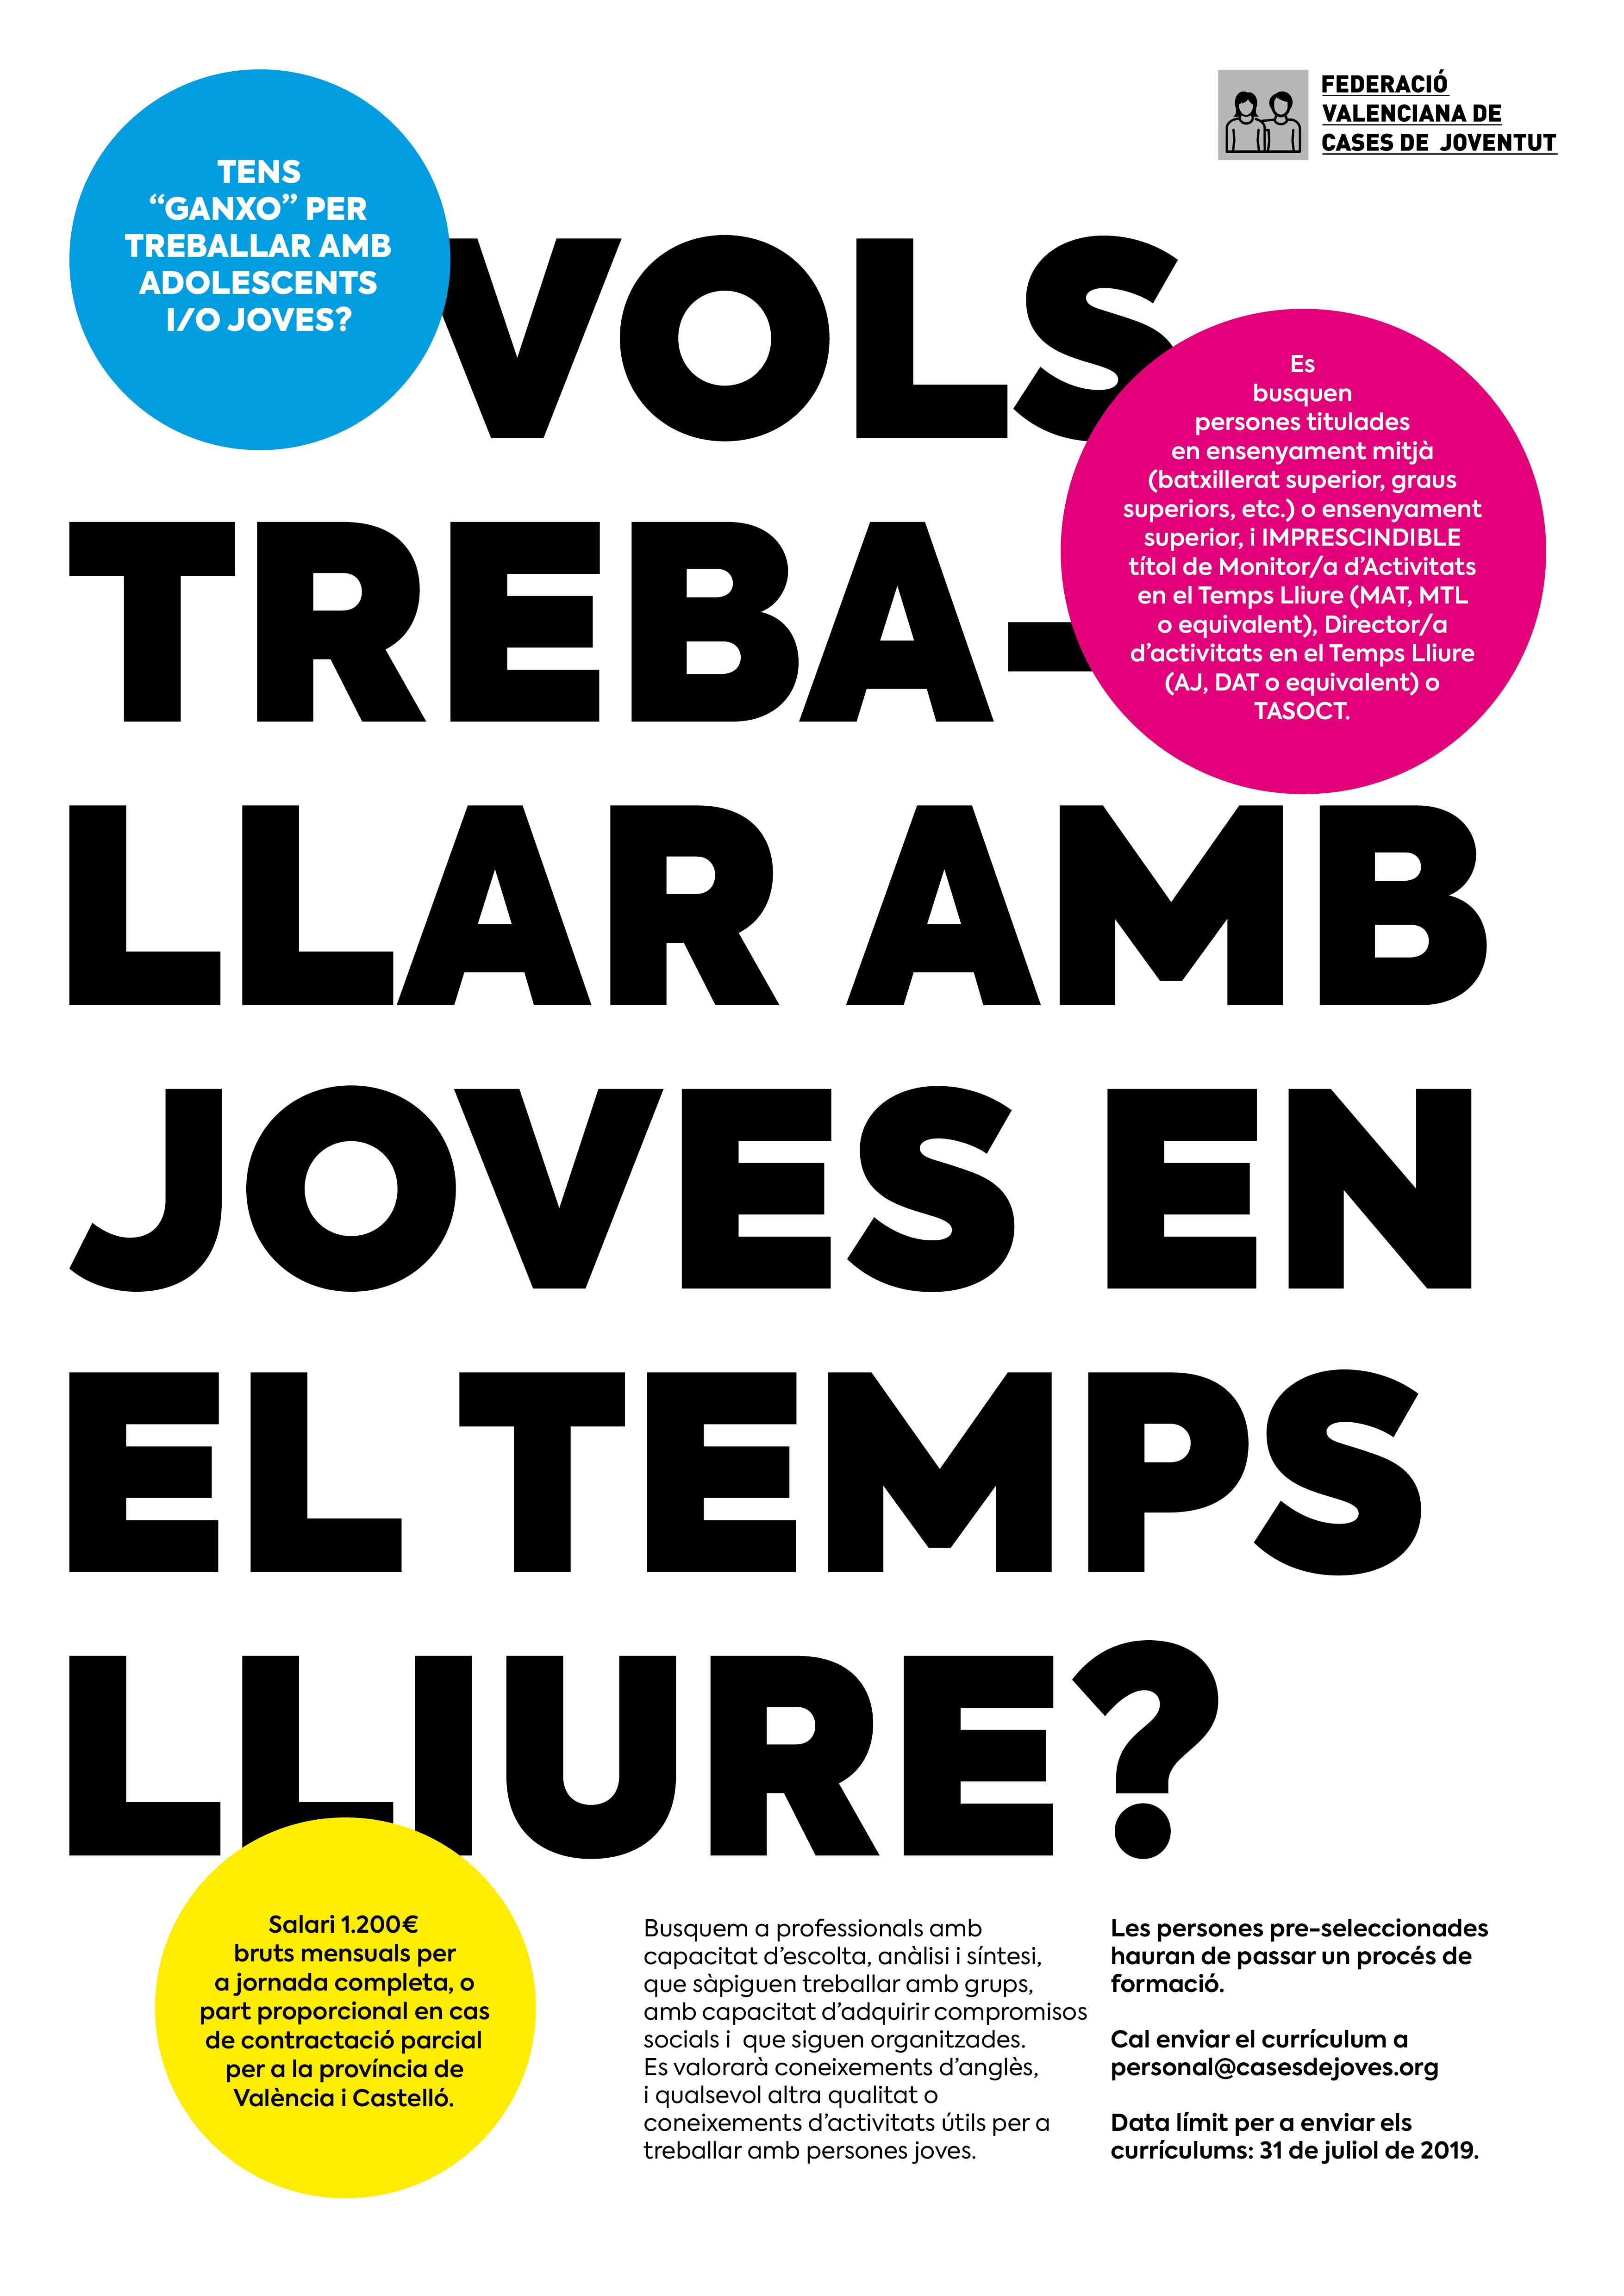 VOLS TREBALLAR AMB JOVES EN EL TEMPS LLIURE?